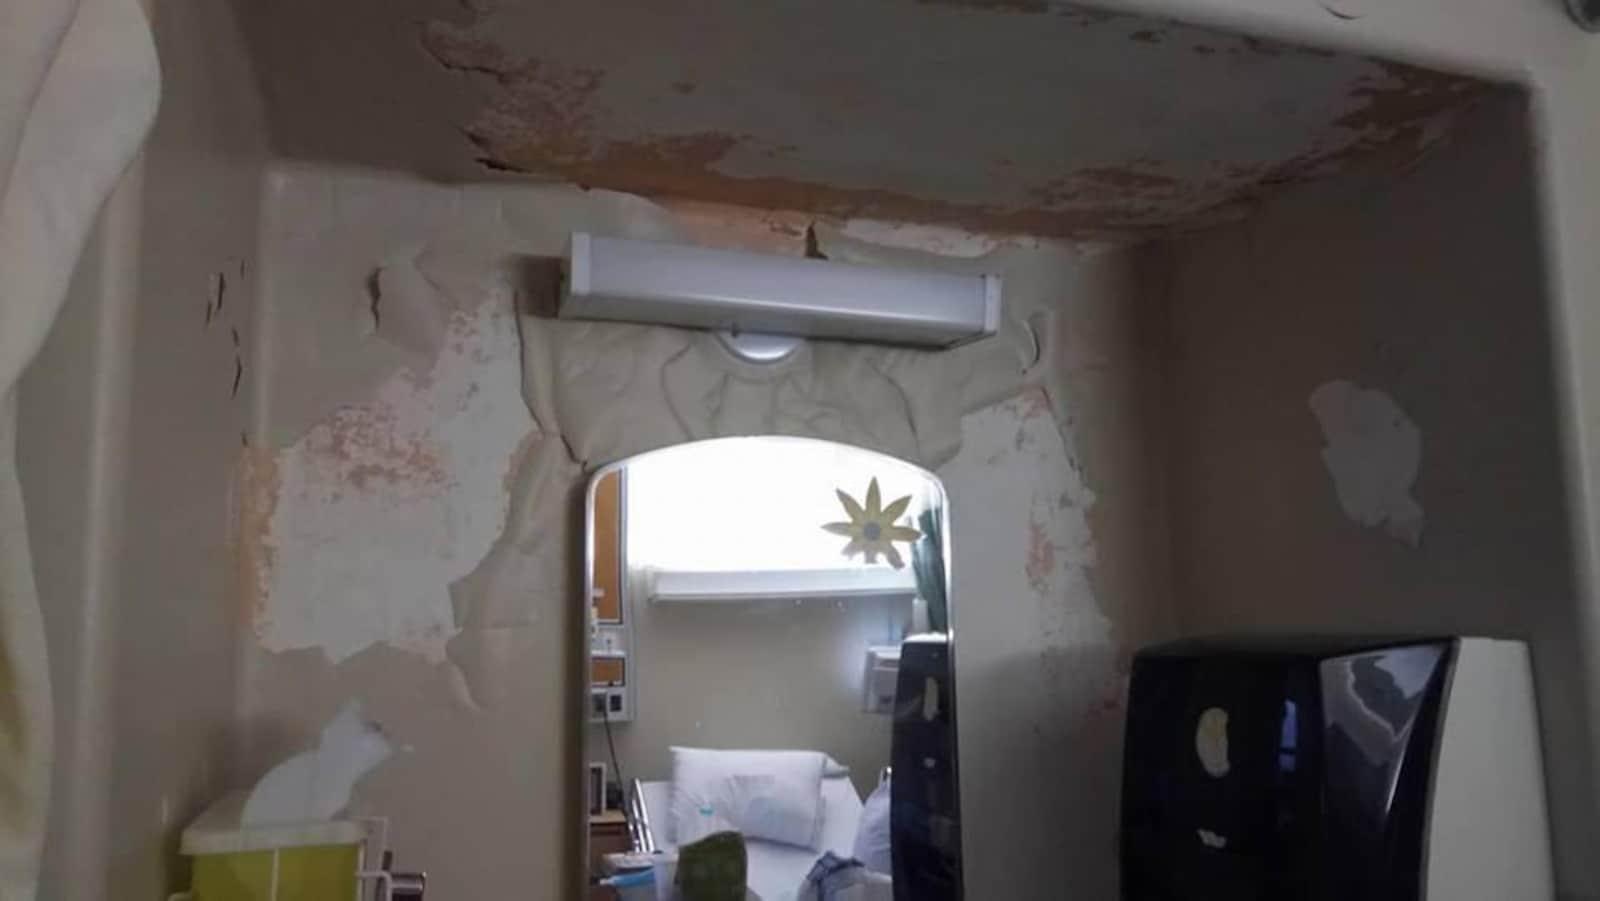 L'intérieur de la chambre délabrée à l'hôpital de Hull